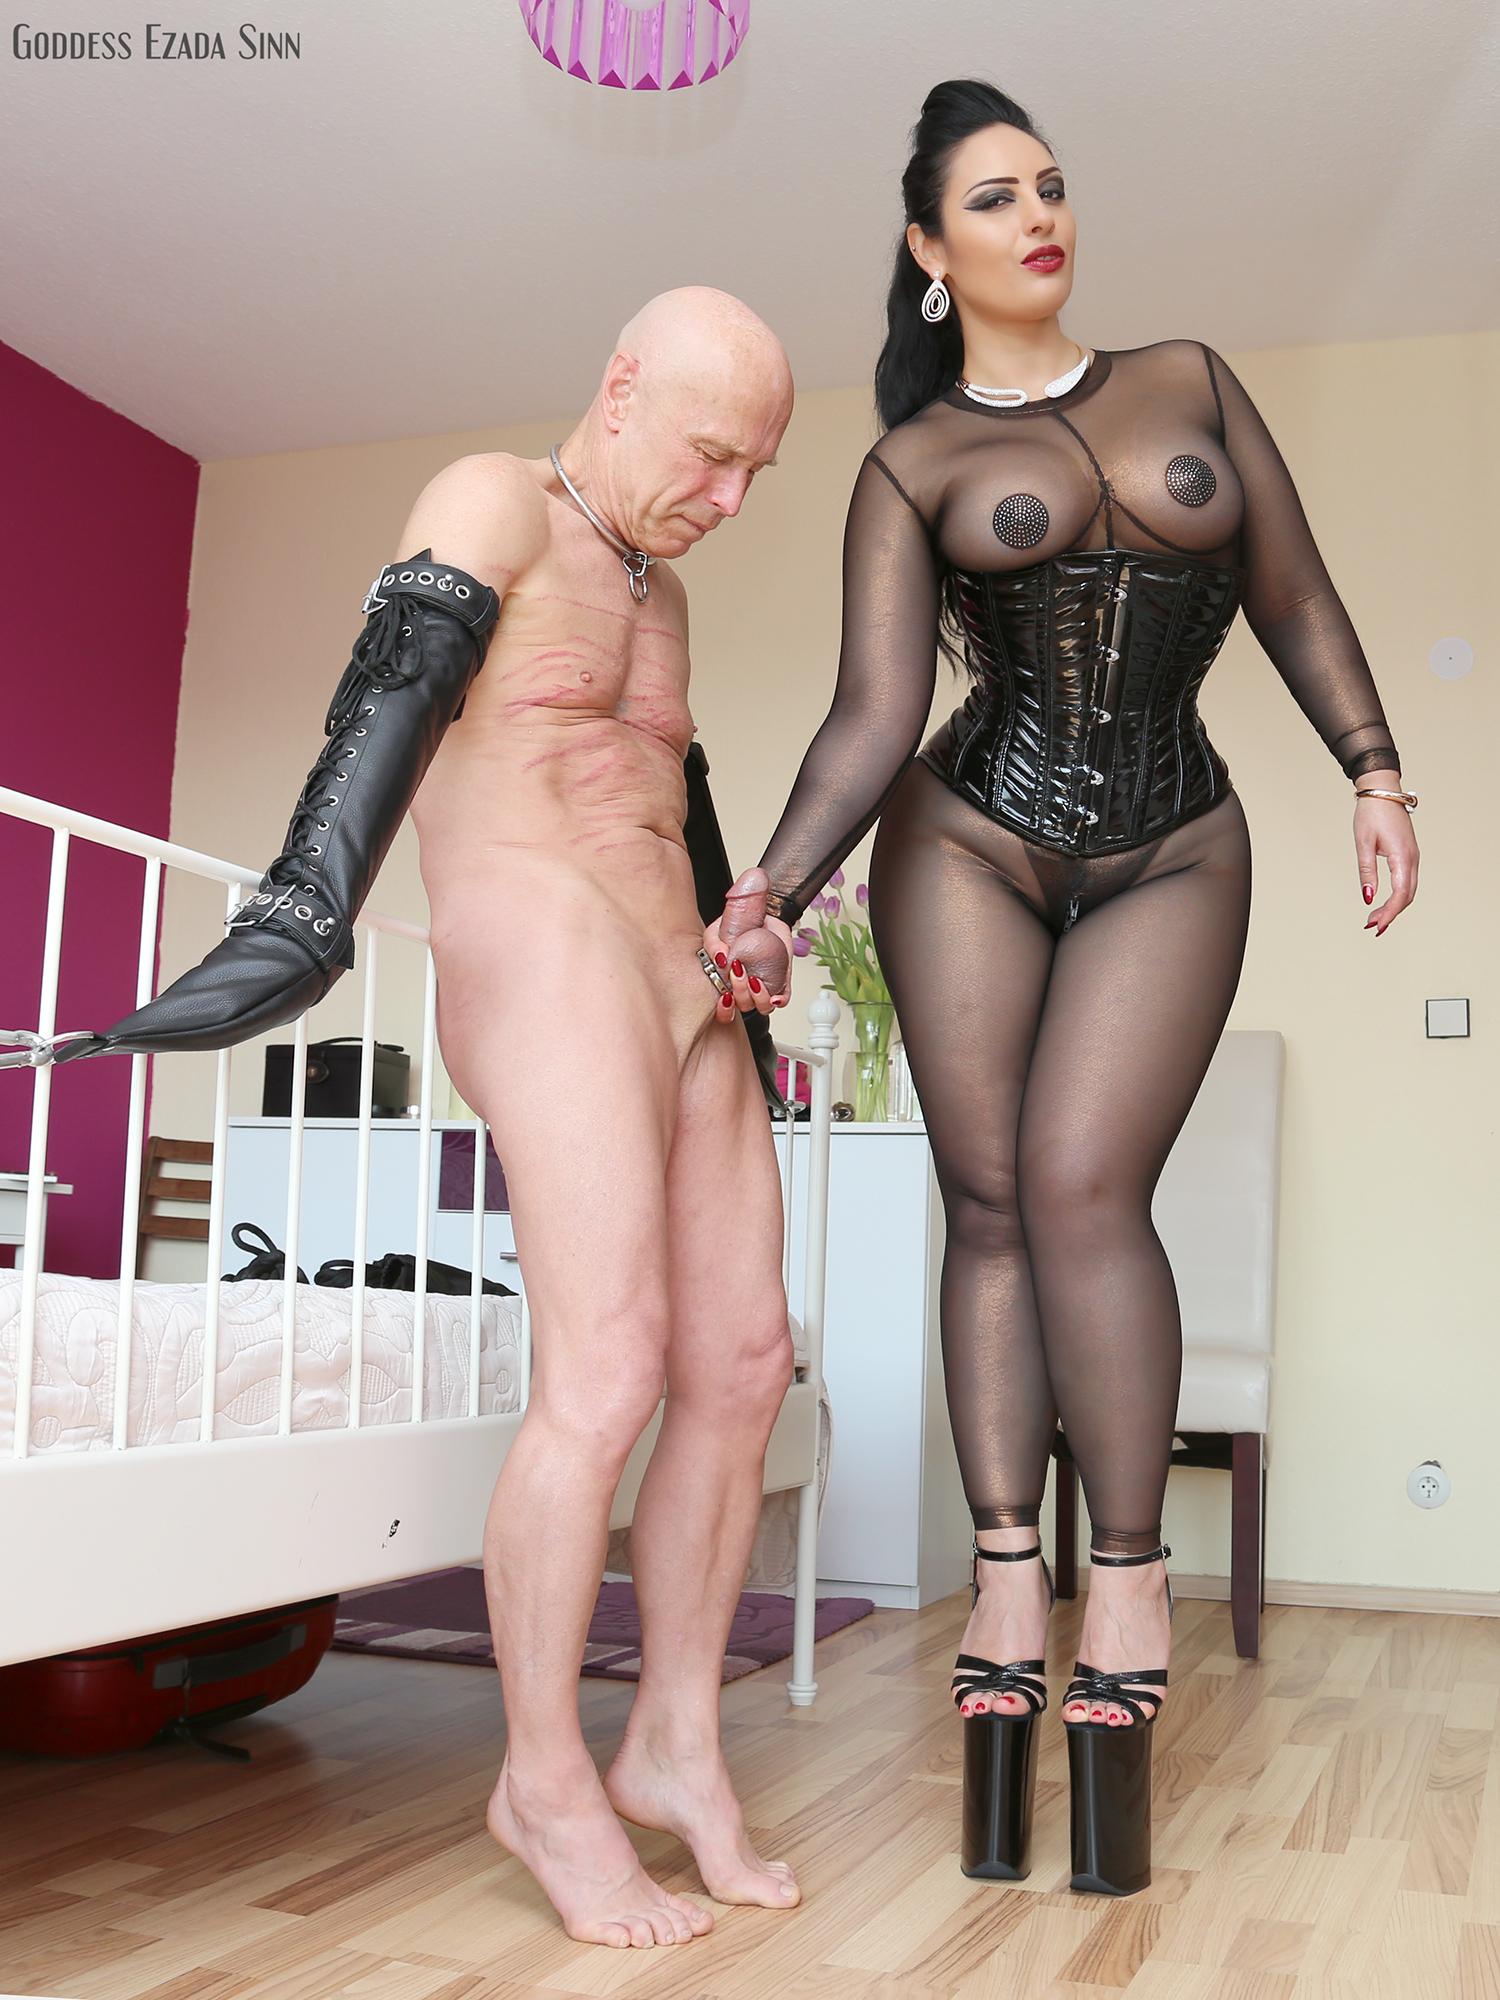 Ezada sinn mistress The interrogation